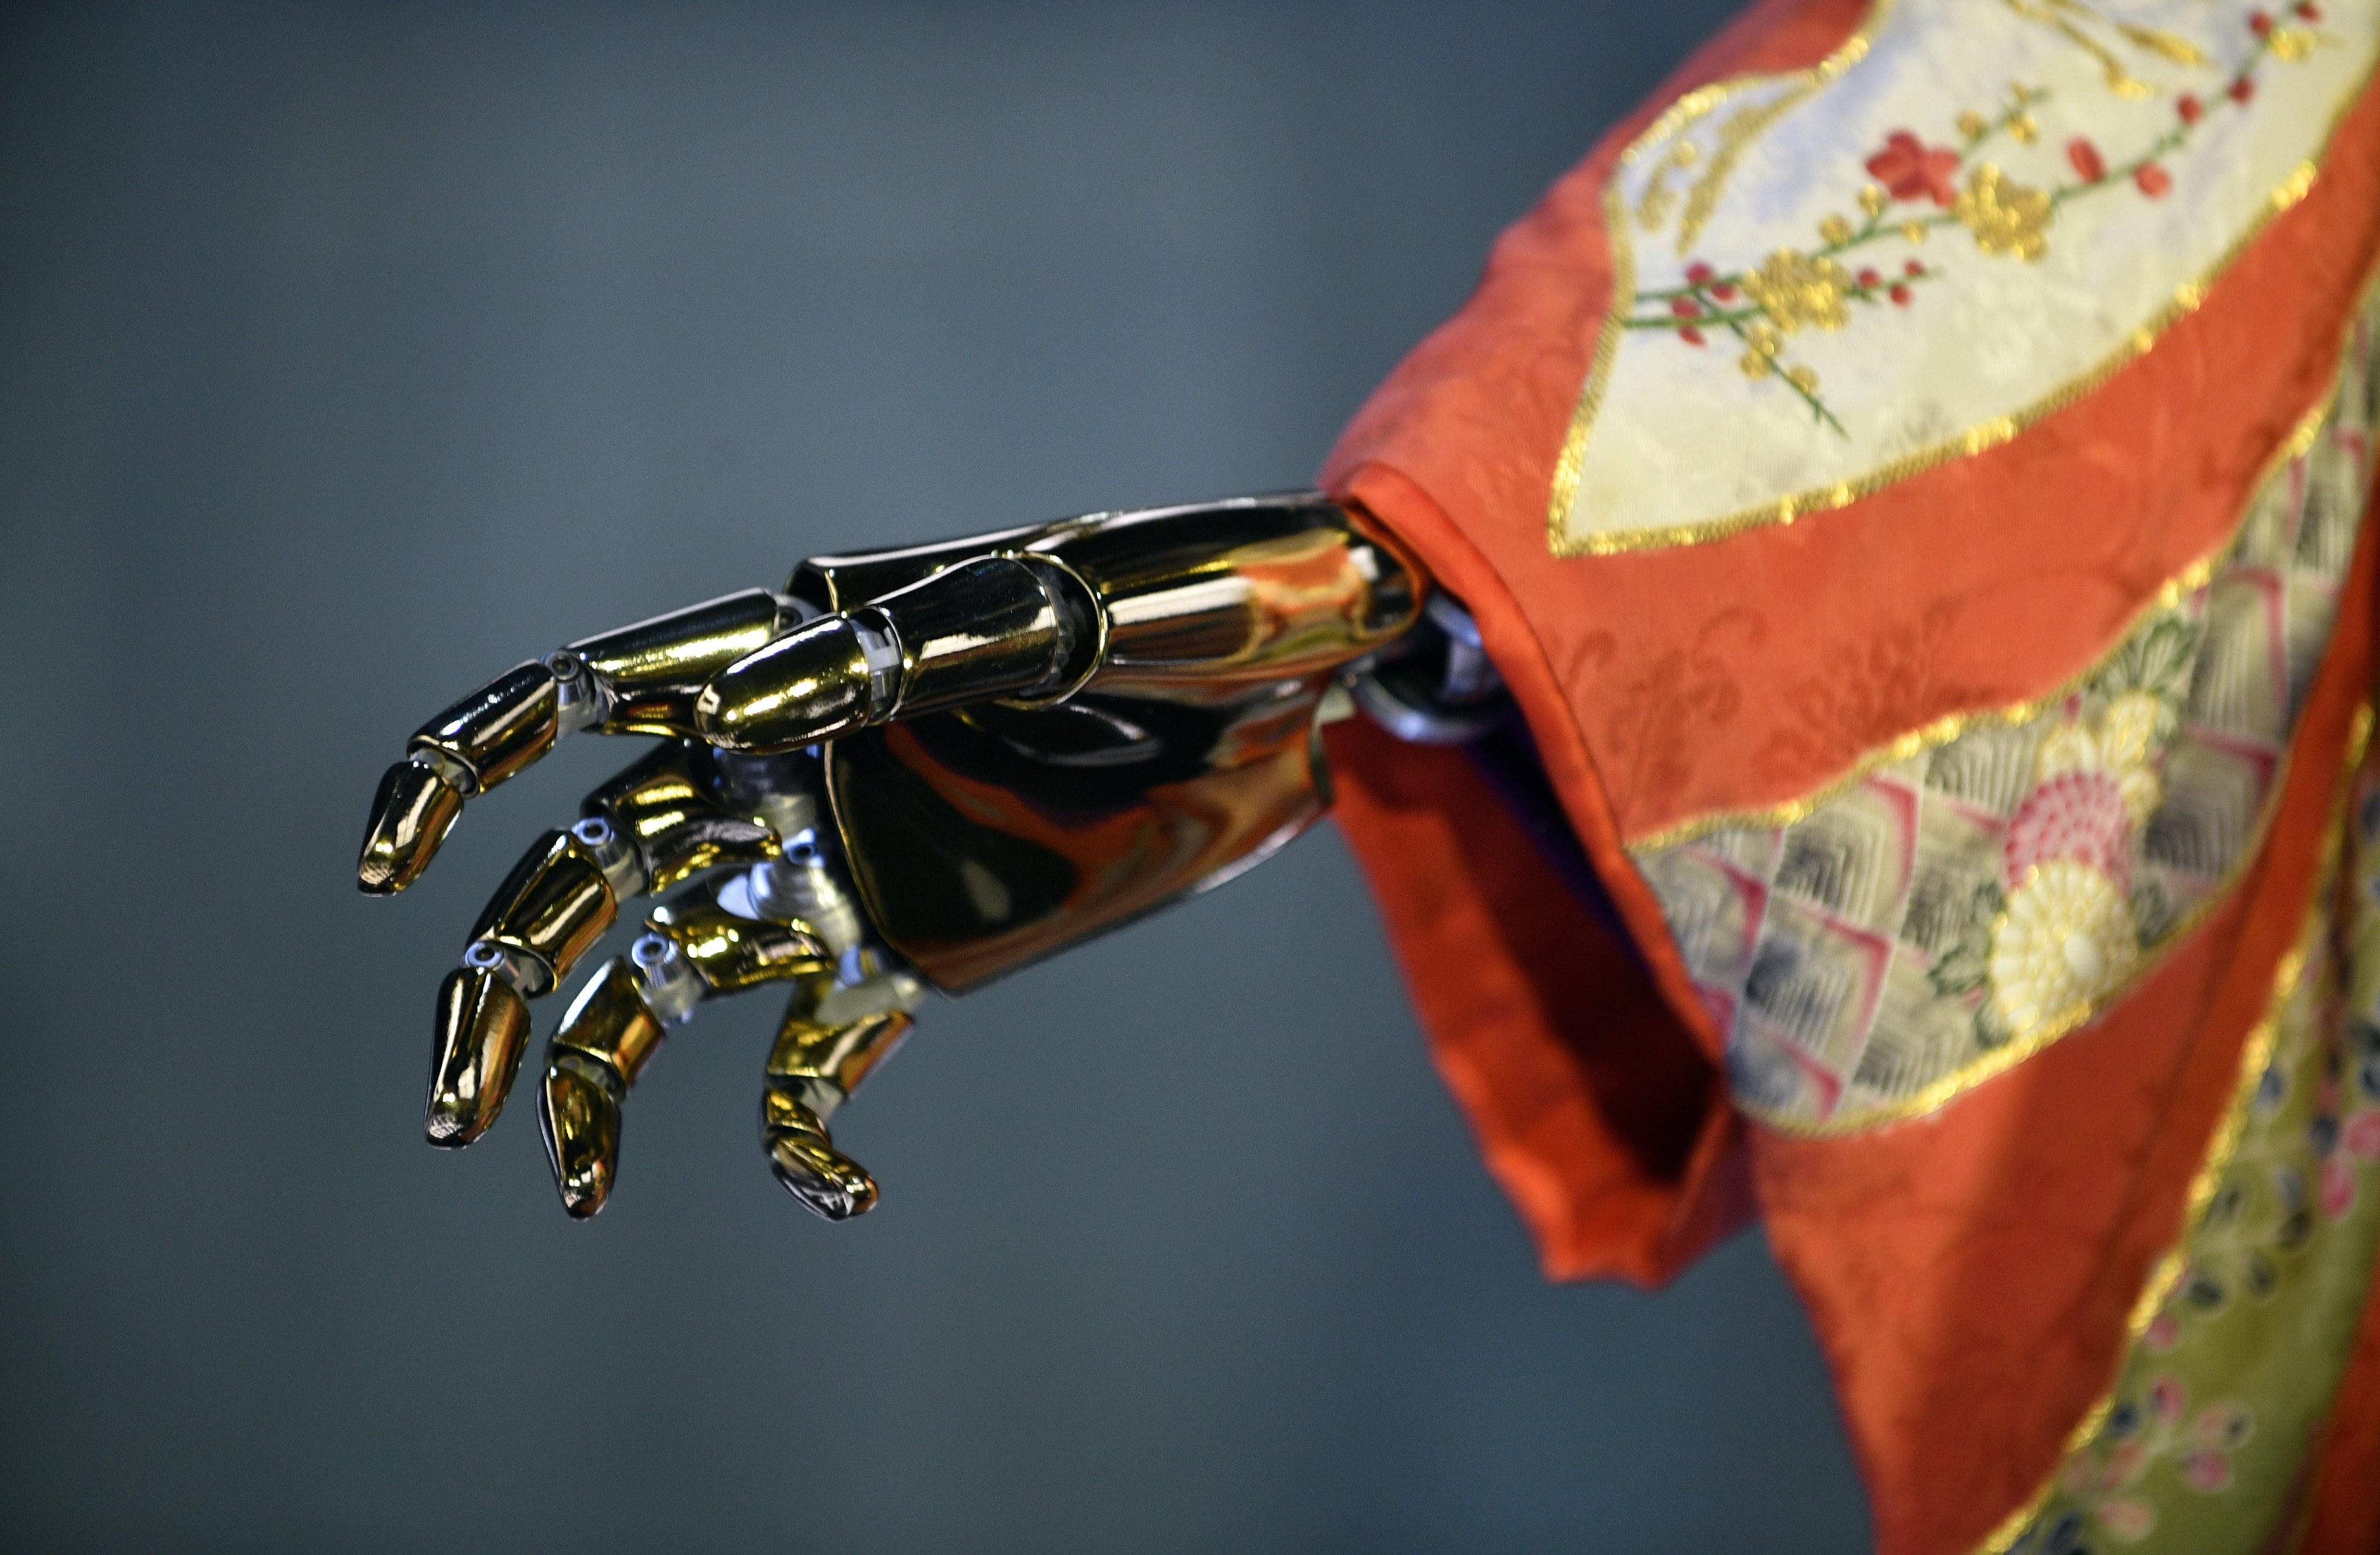 Bruxelas quer aumentar o investimento na inteligência artificial em 20 mil milhões de euros até 2020